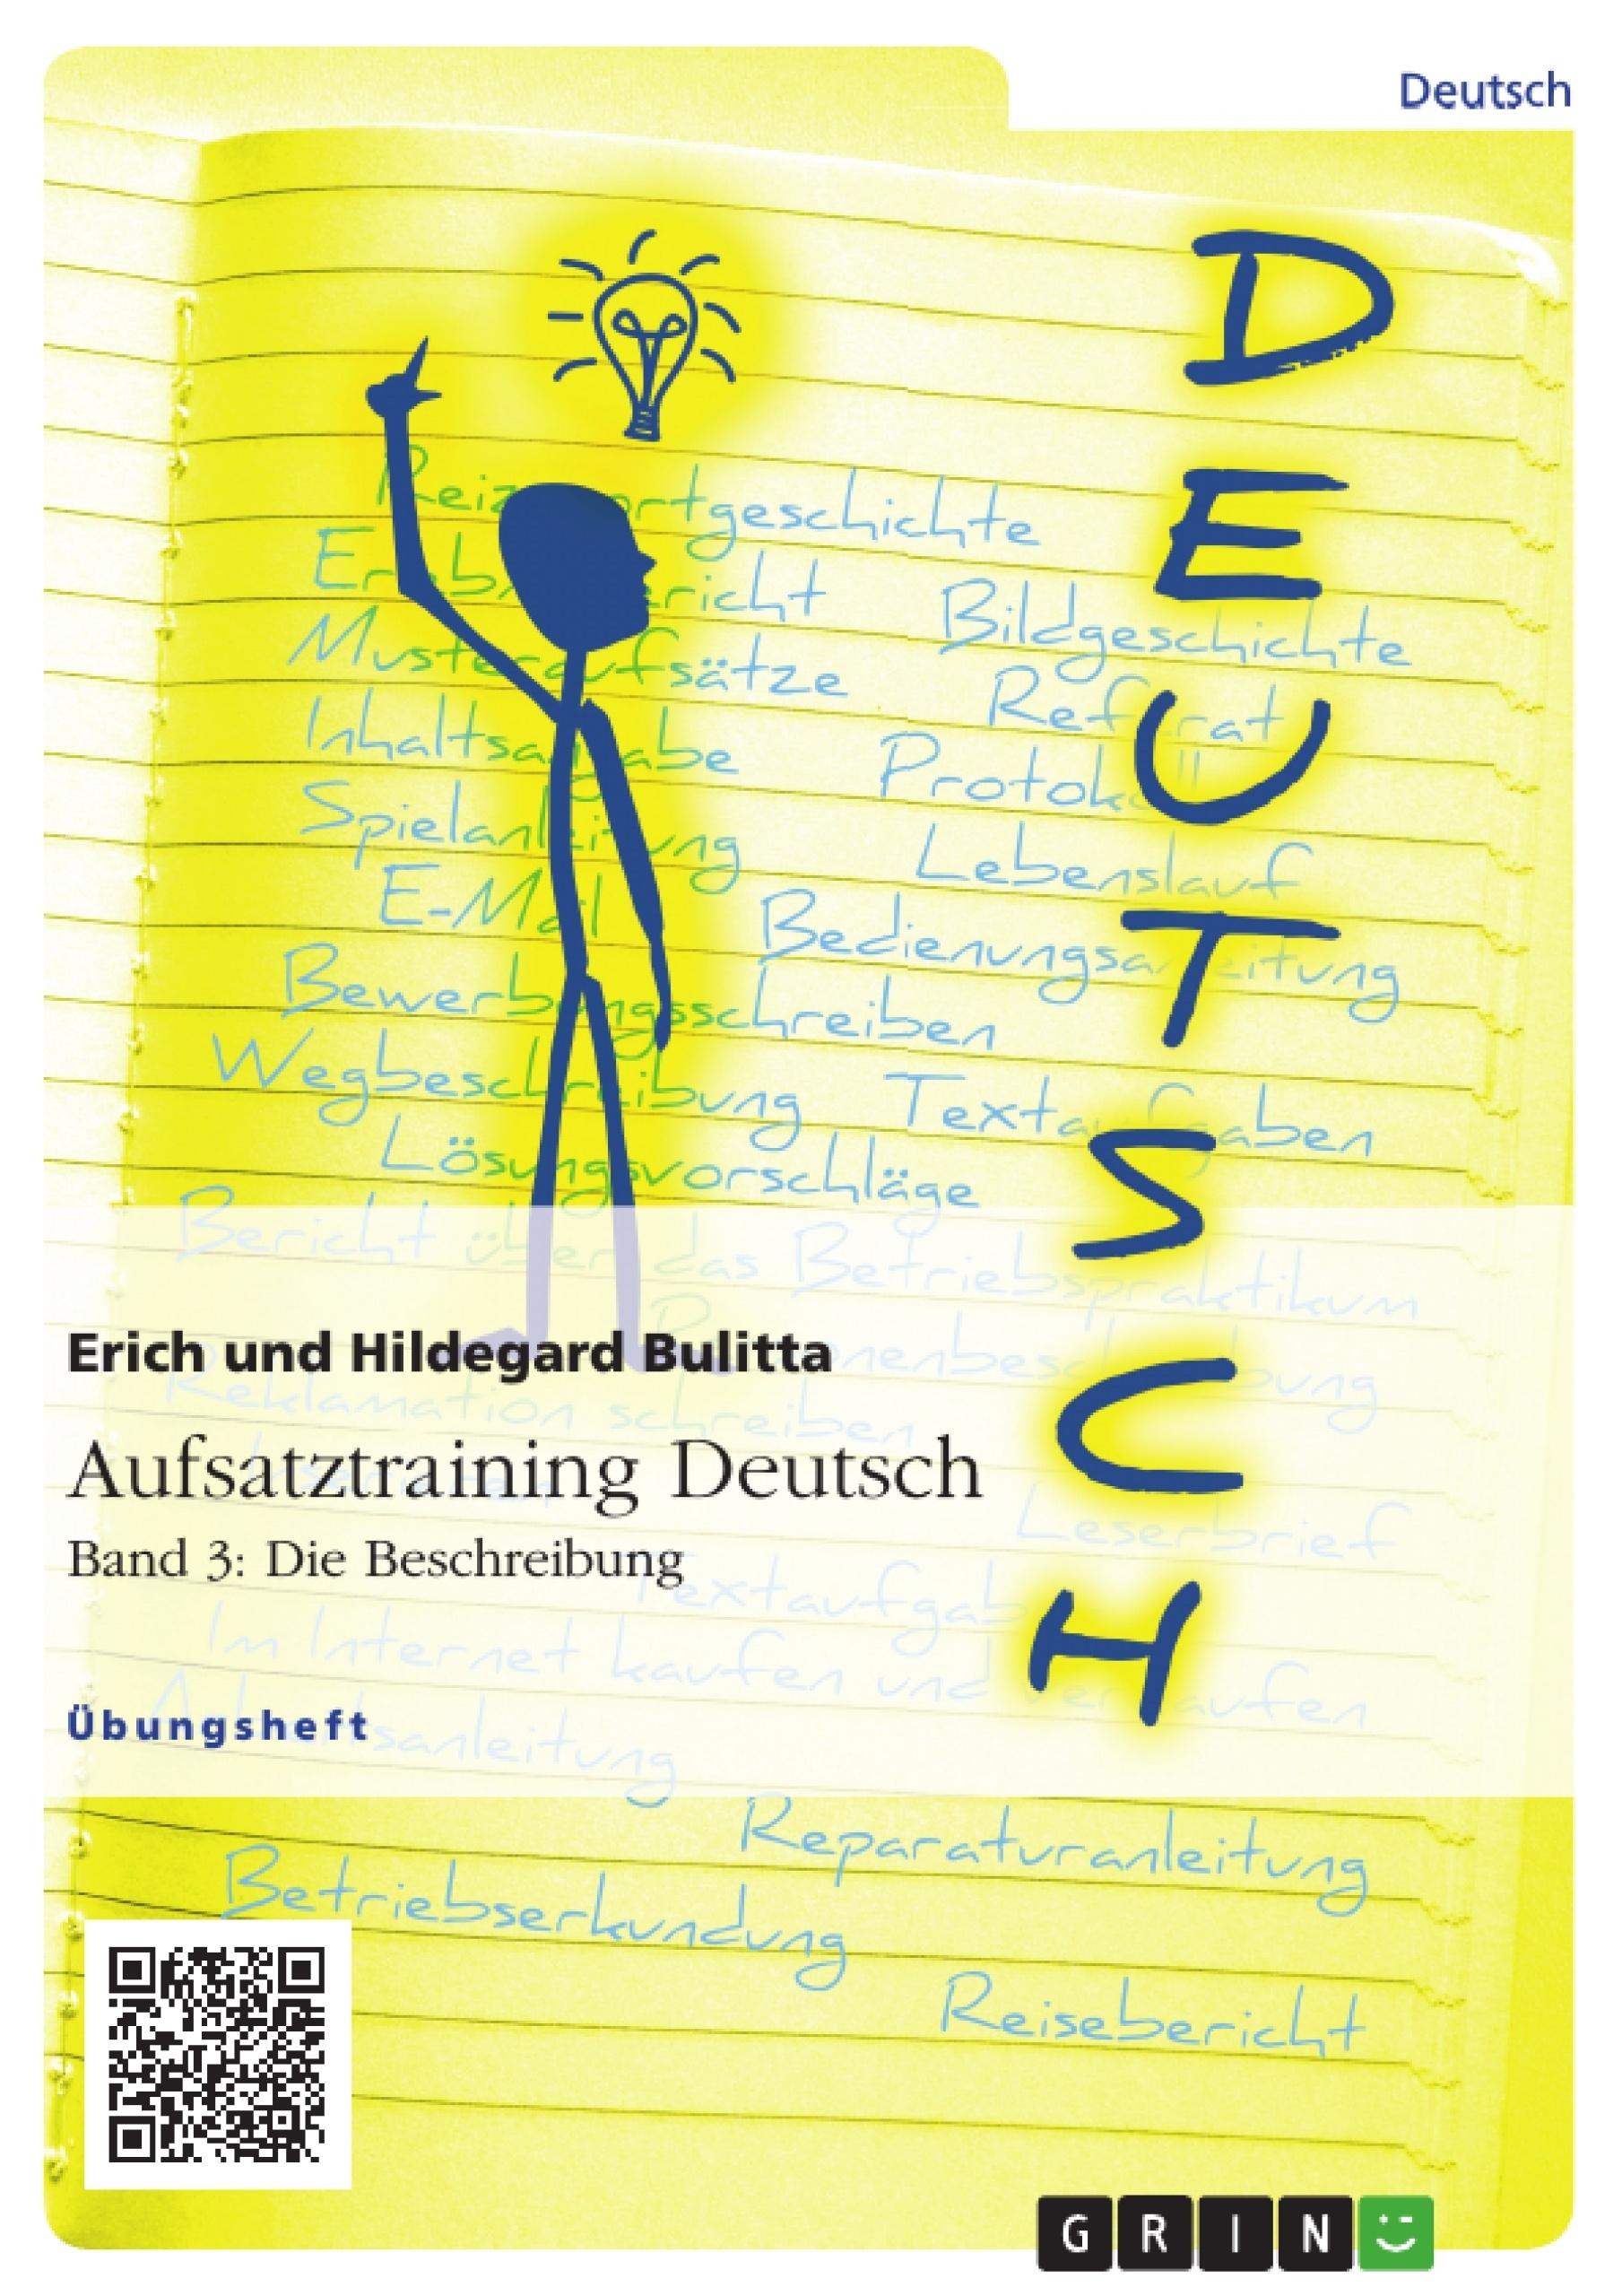 Titel: Aufsatztraining Deutsch - Band 3: Die Beschreibung